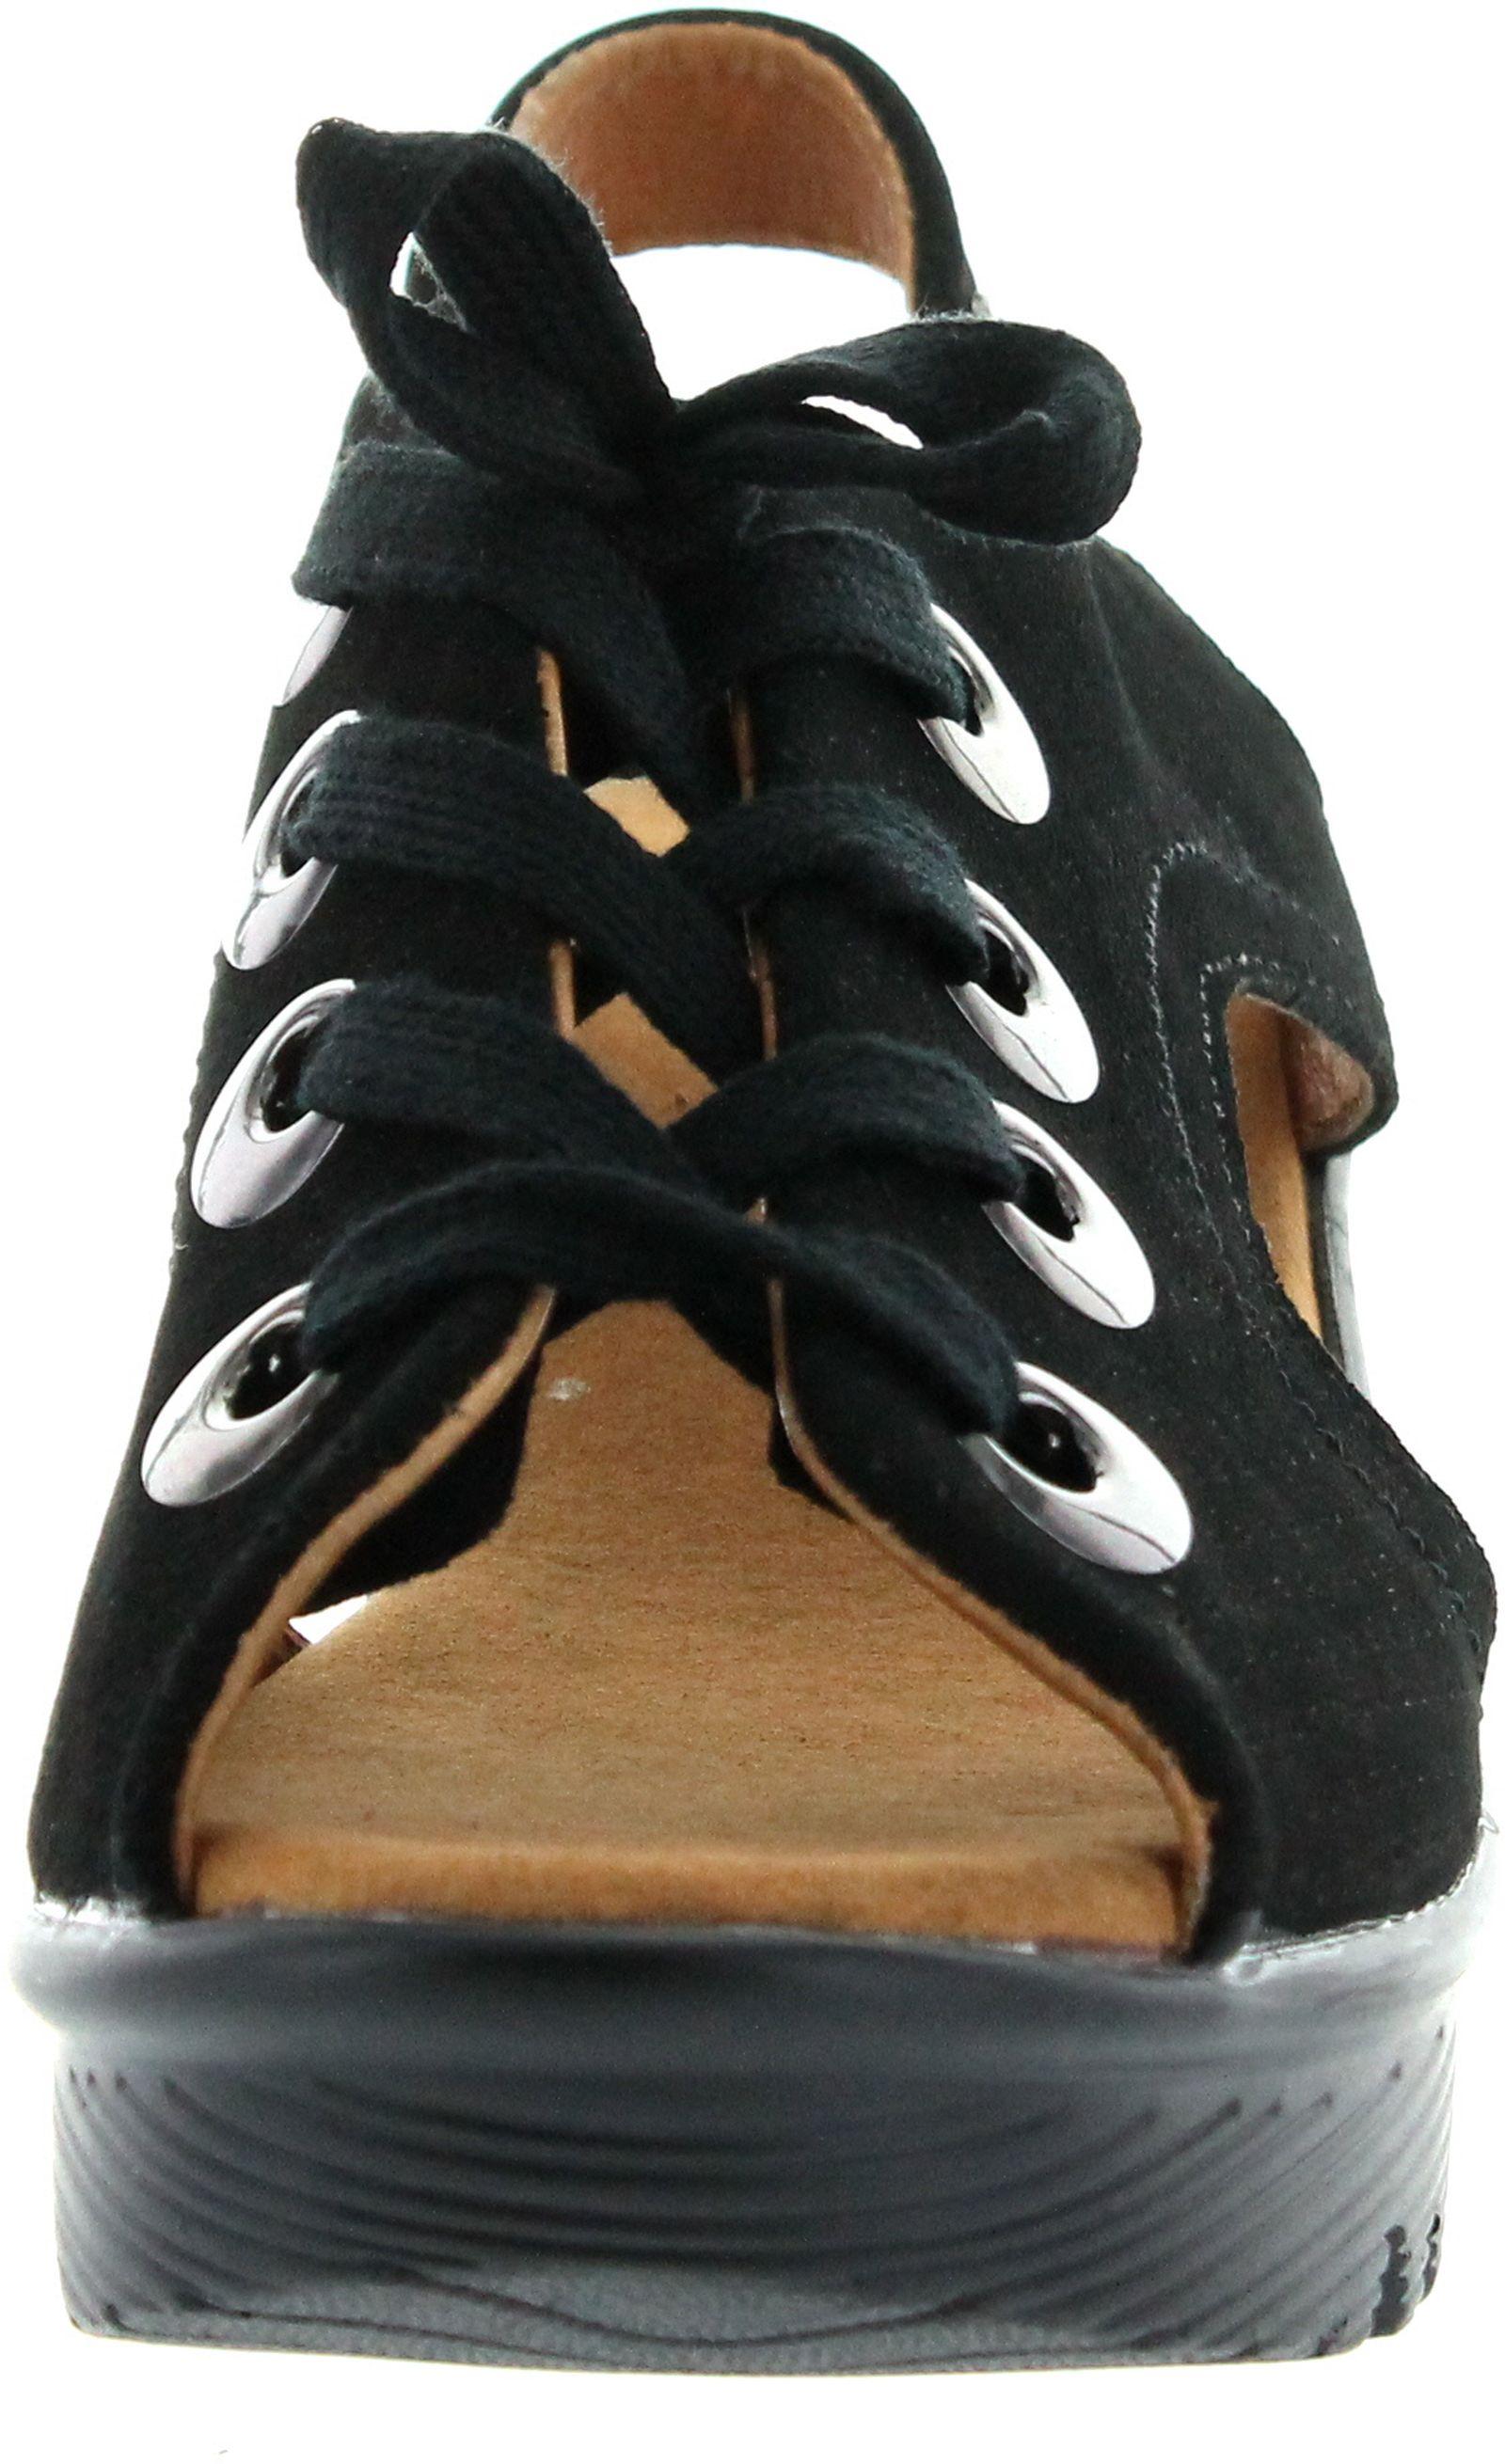 Bernie Mev Womens Marcelo Mid Wedge Heel Sandals